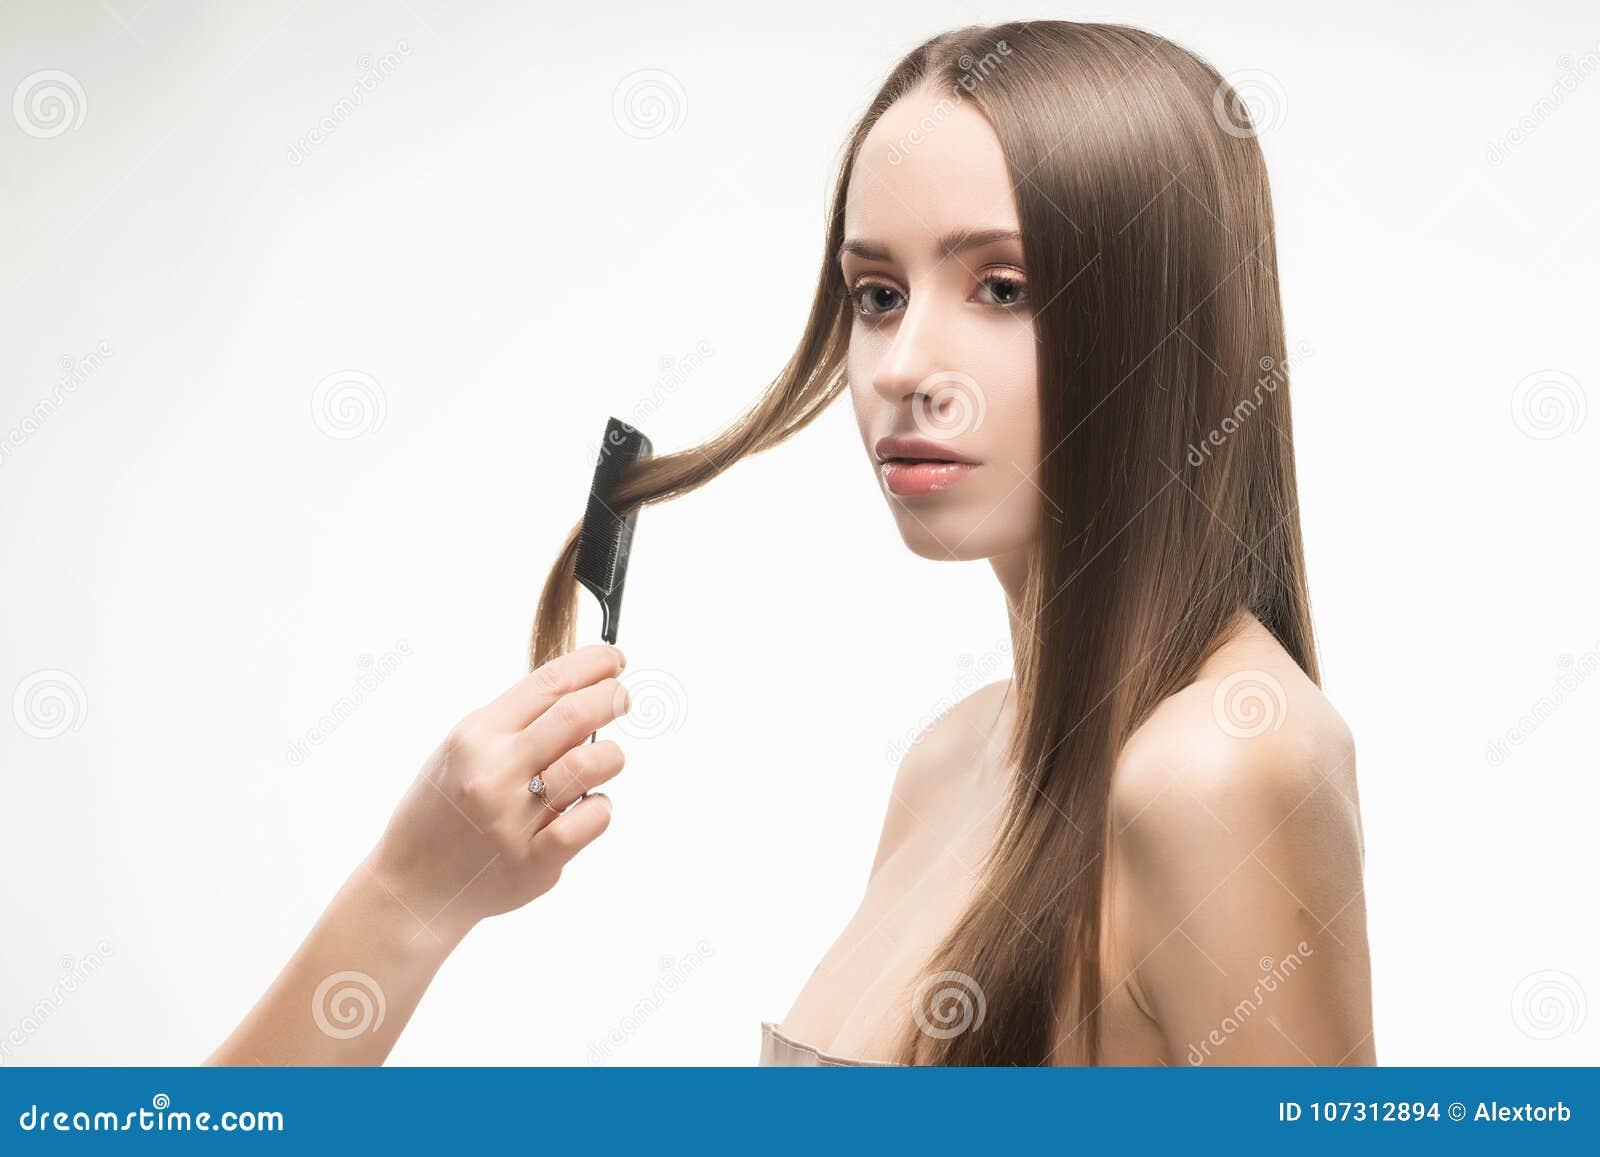 Nude photos of donna ewin